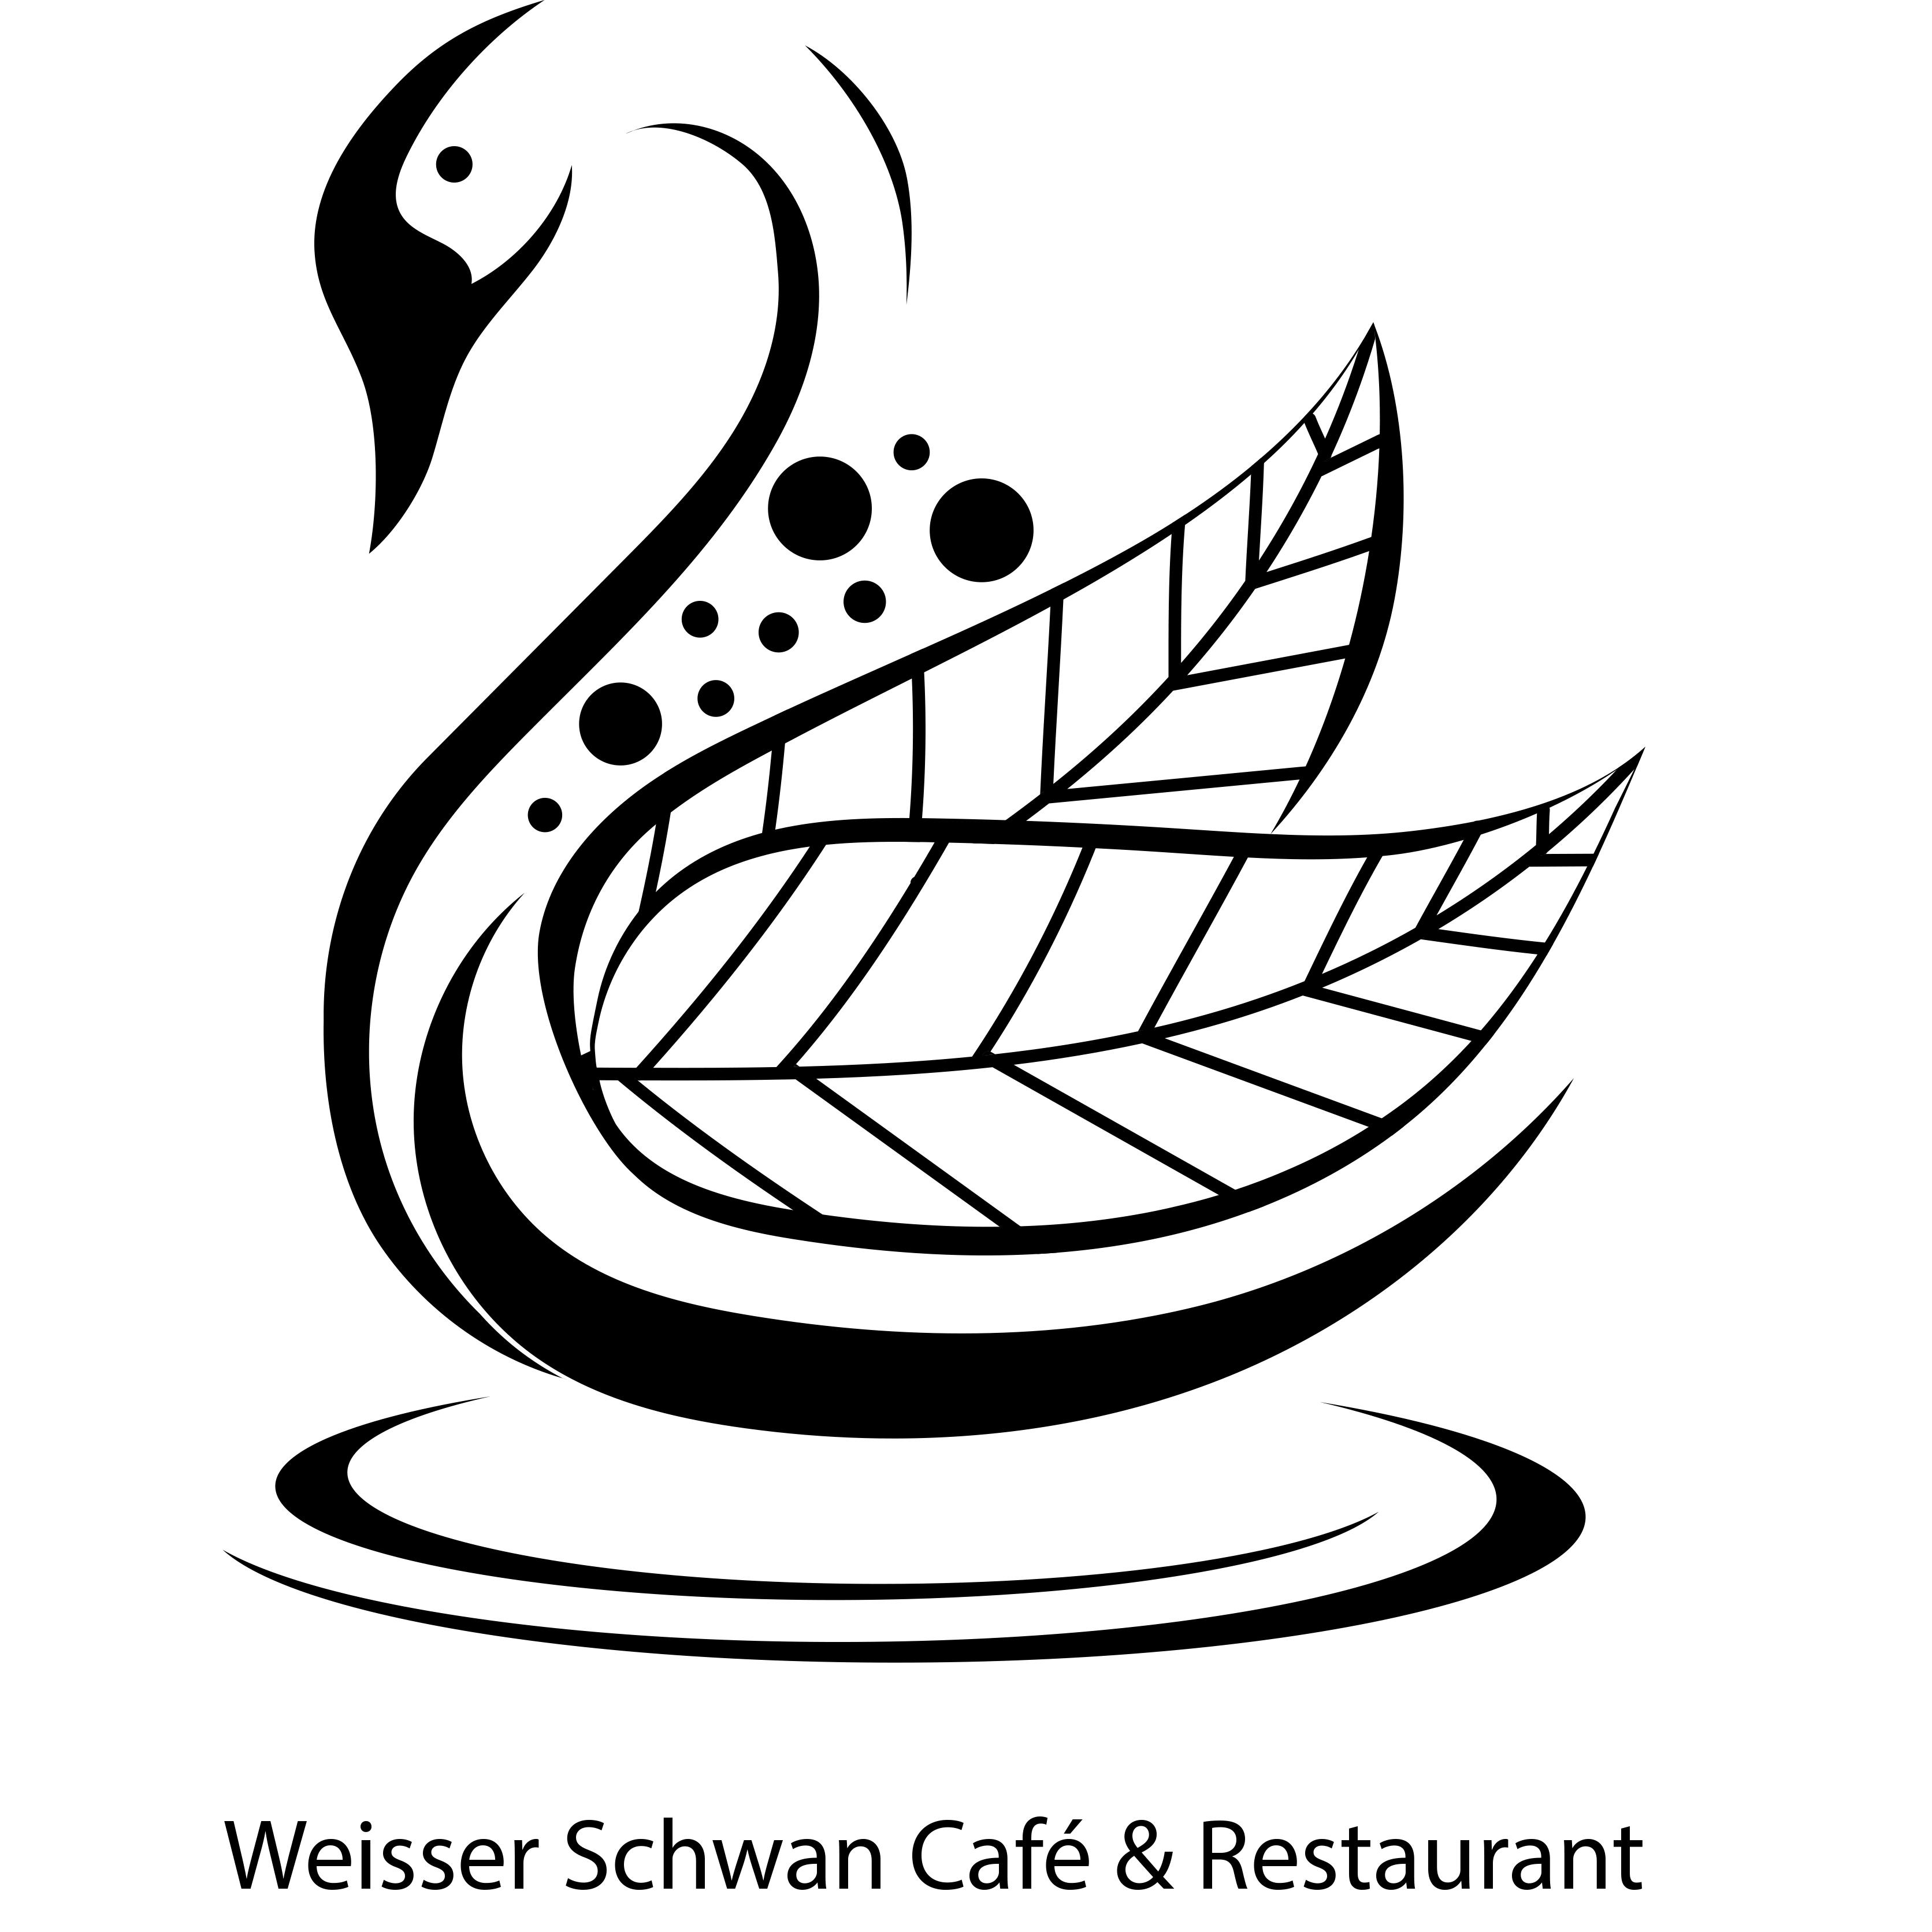 Bild zu Restaurant Weisser Schwan in Potsdam